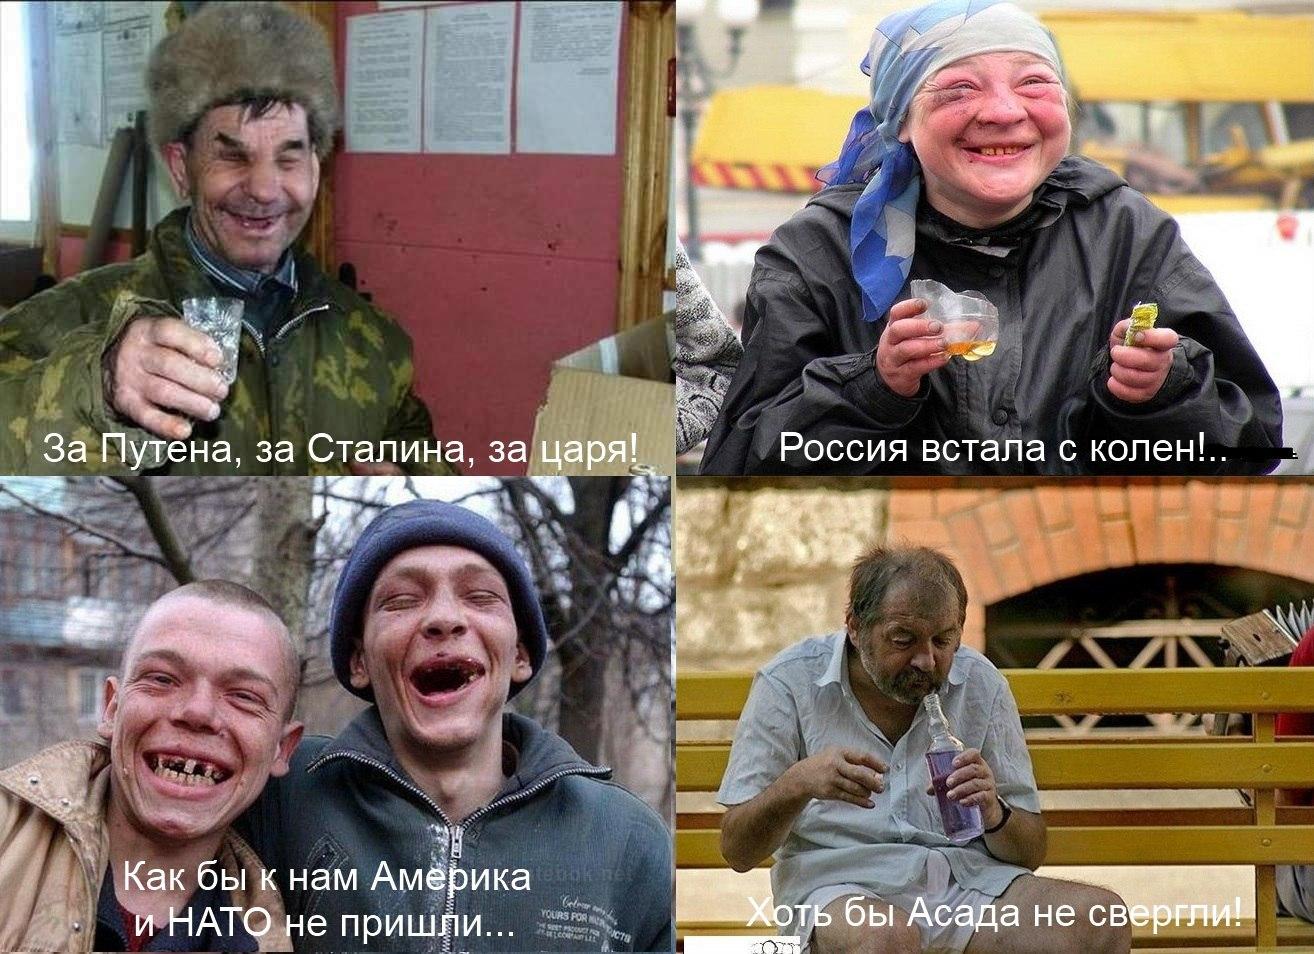 Агрессия России ухудшила ситуацию с правами человека в оккупированных Крыму и Донбассе, - доклад ЕС - Цензор.НЕТ 4951